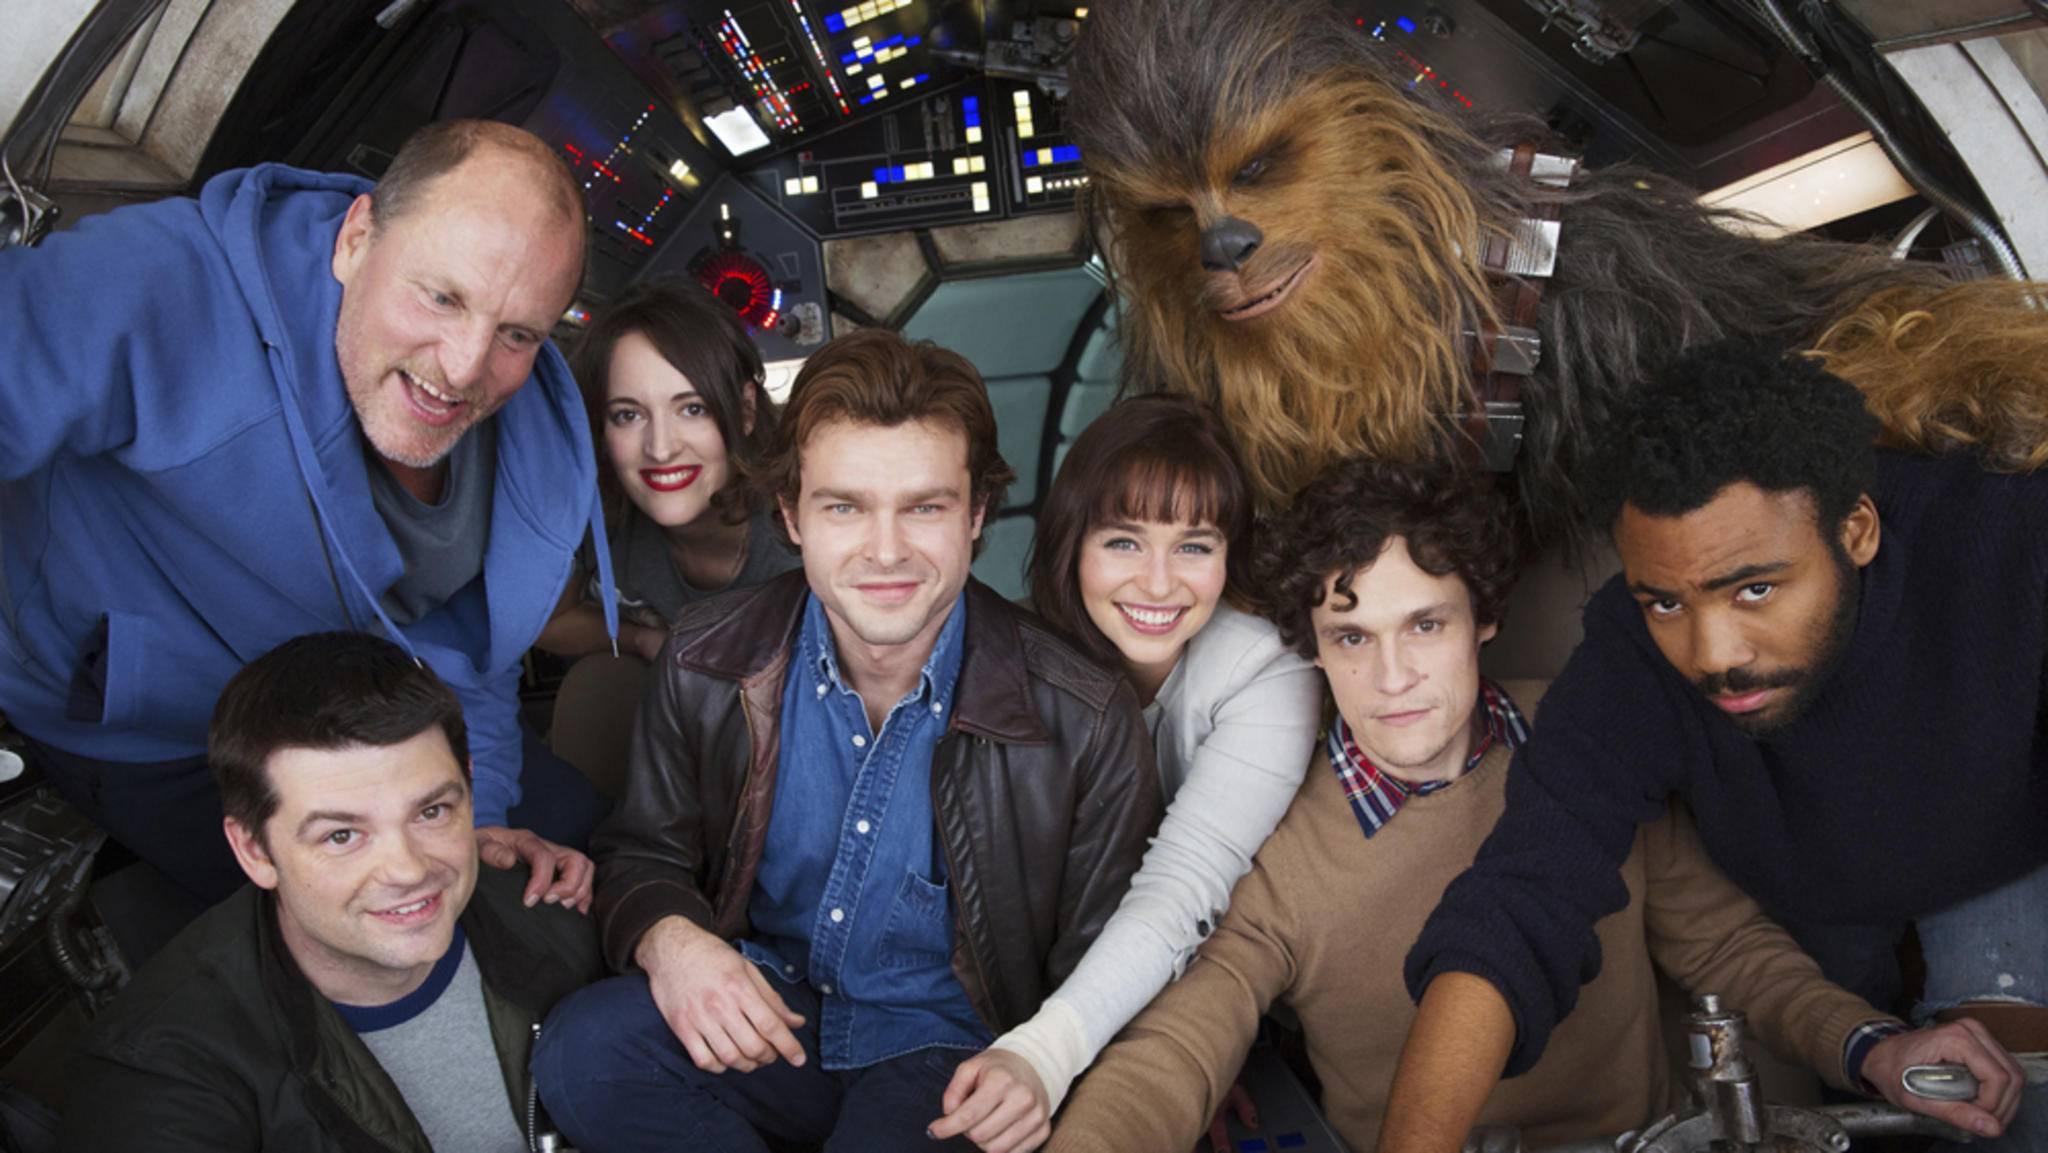 """Versammelte Mannschaft: Seit wenigen Tagen stehen Alden Ehrenreich, Emilia Clarke und Co. für einen neuen """"Star Wars""""-Film vor der Kamera."""